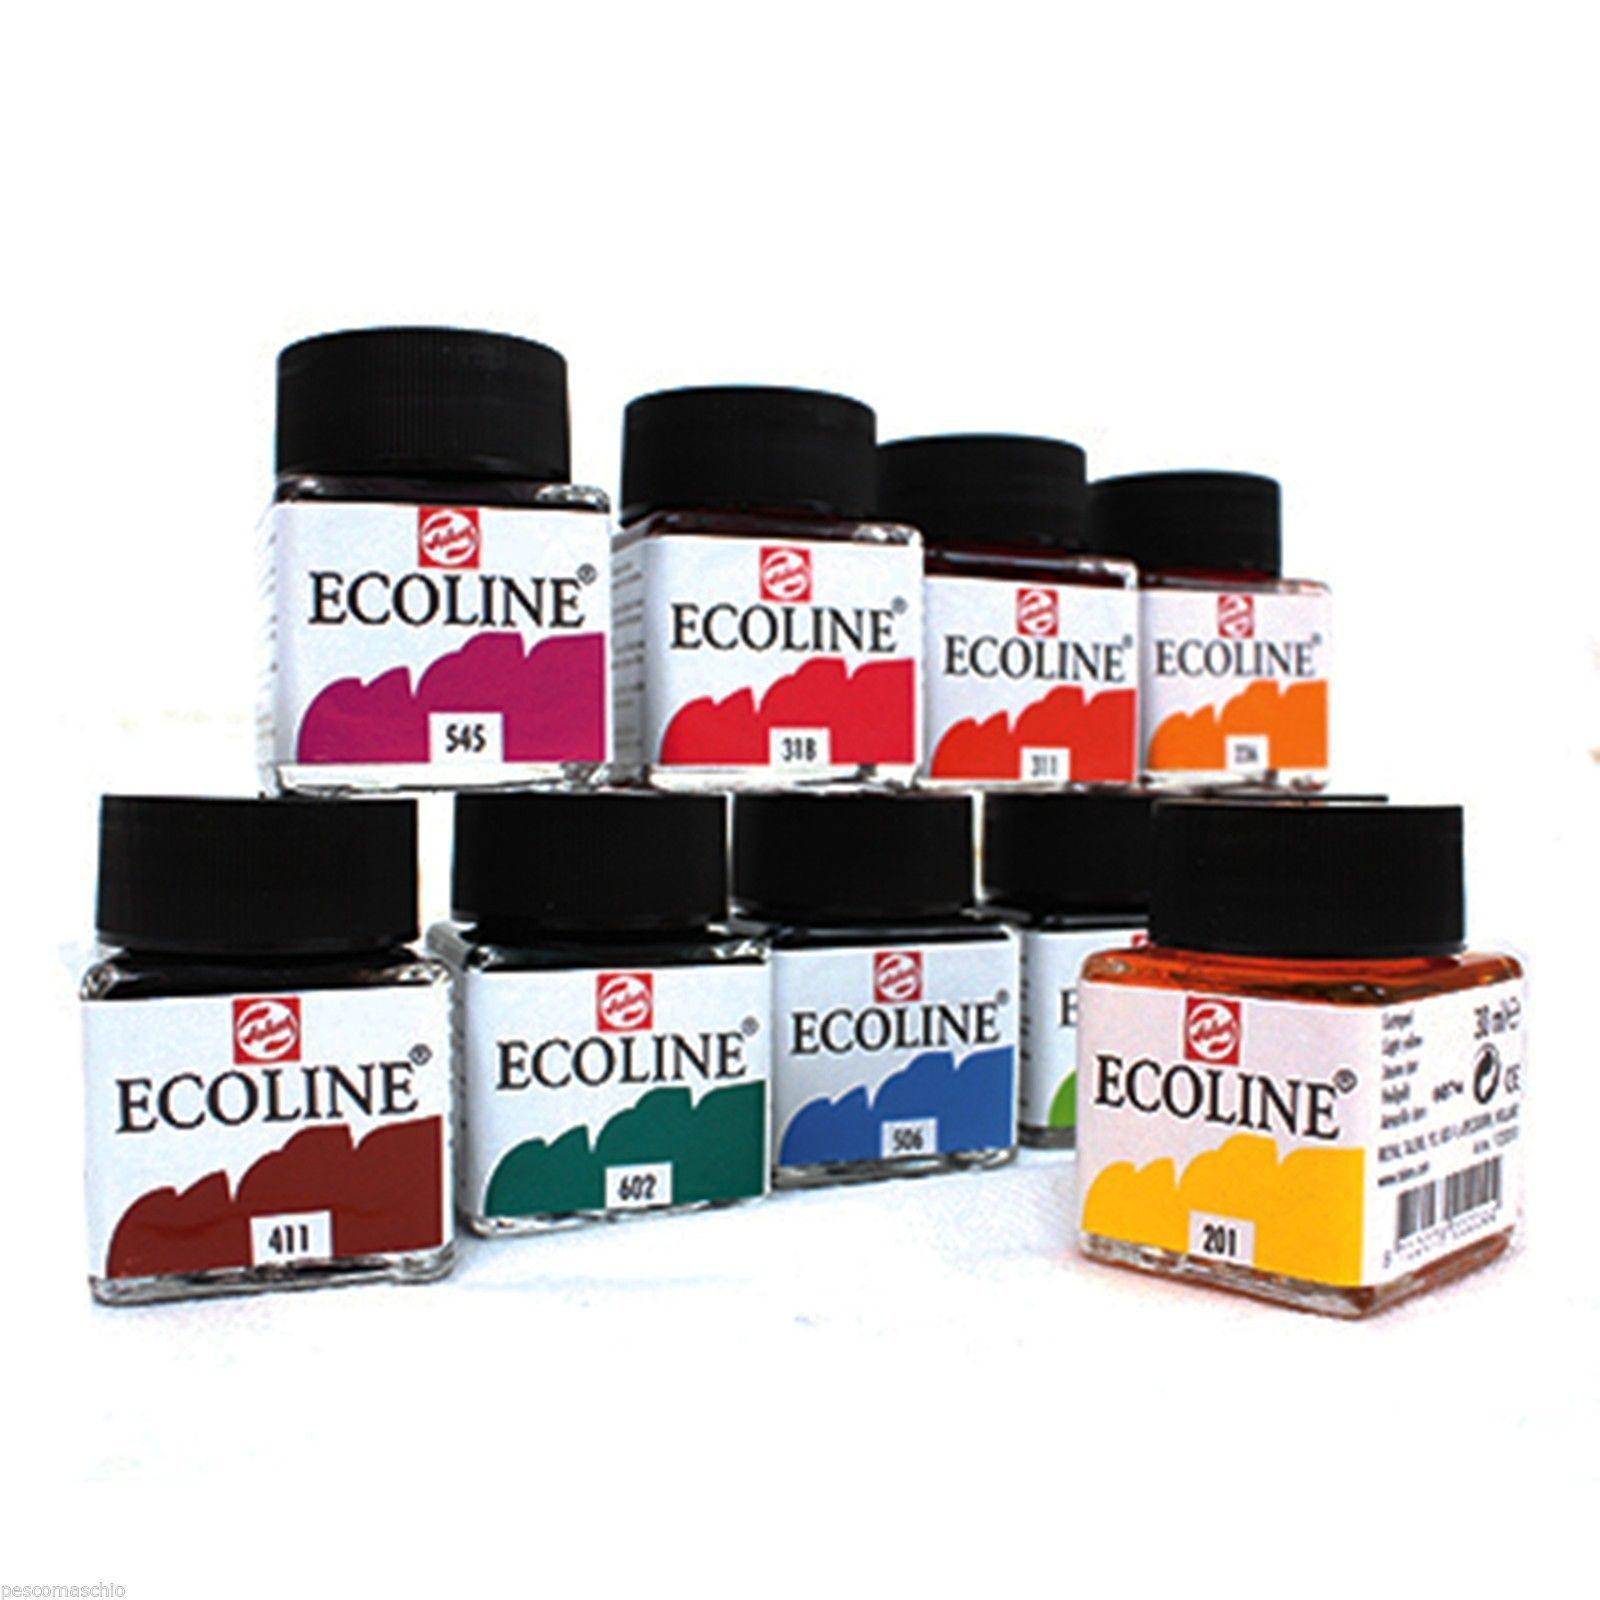 ECOLINE TALENS ACQUERELLO ACQUARELLO LIQUIDO offerta di 5 colori assortiti